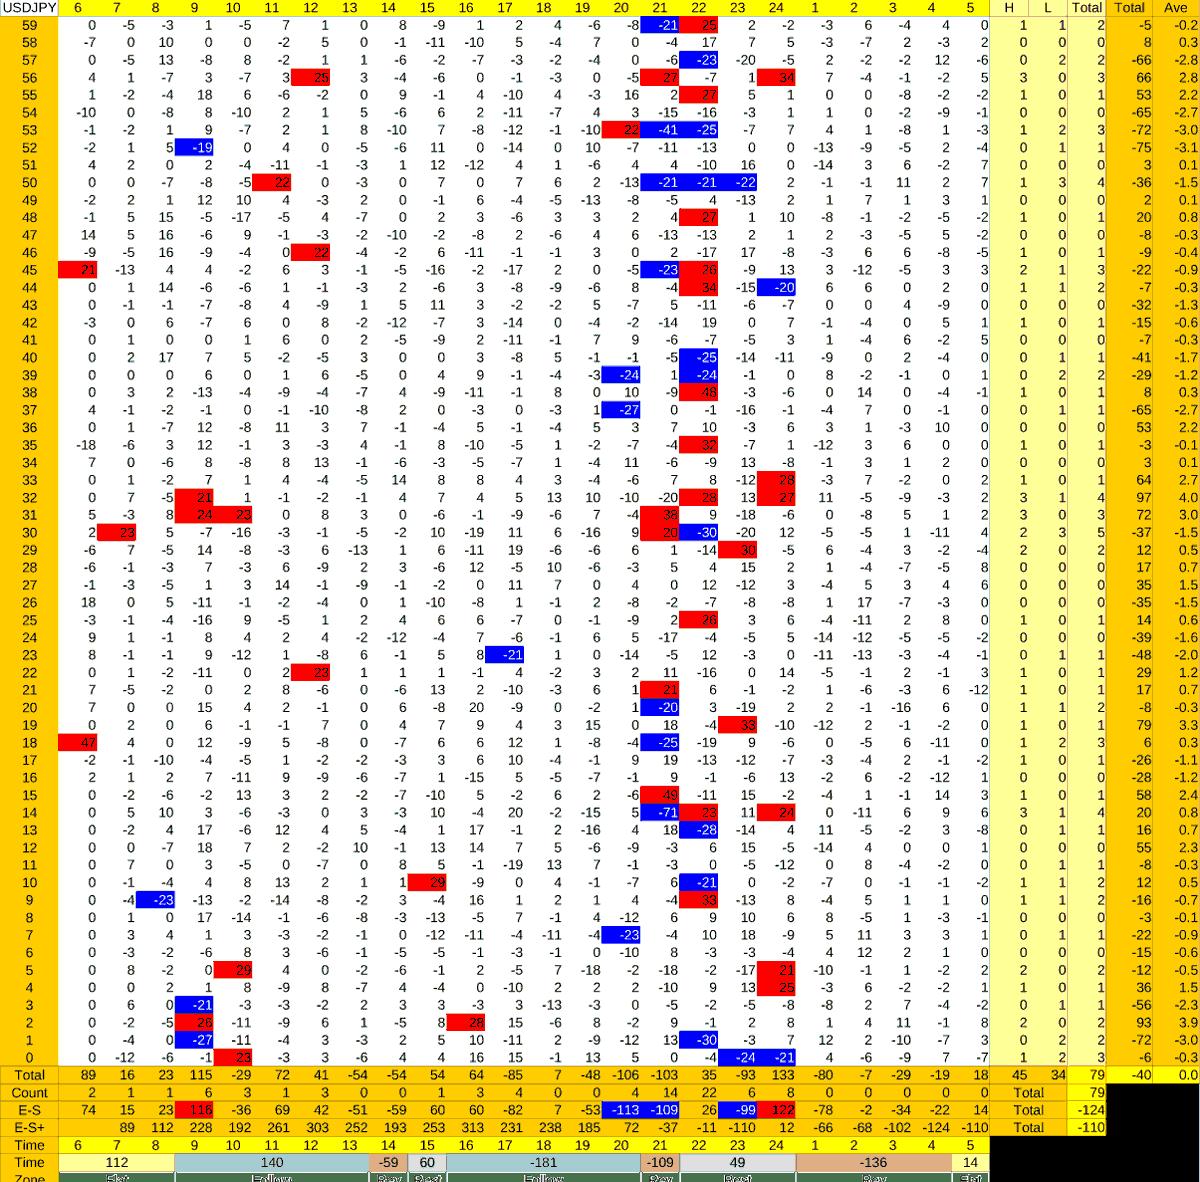 20210921_HS(1)USDJPY-min